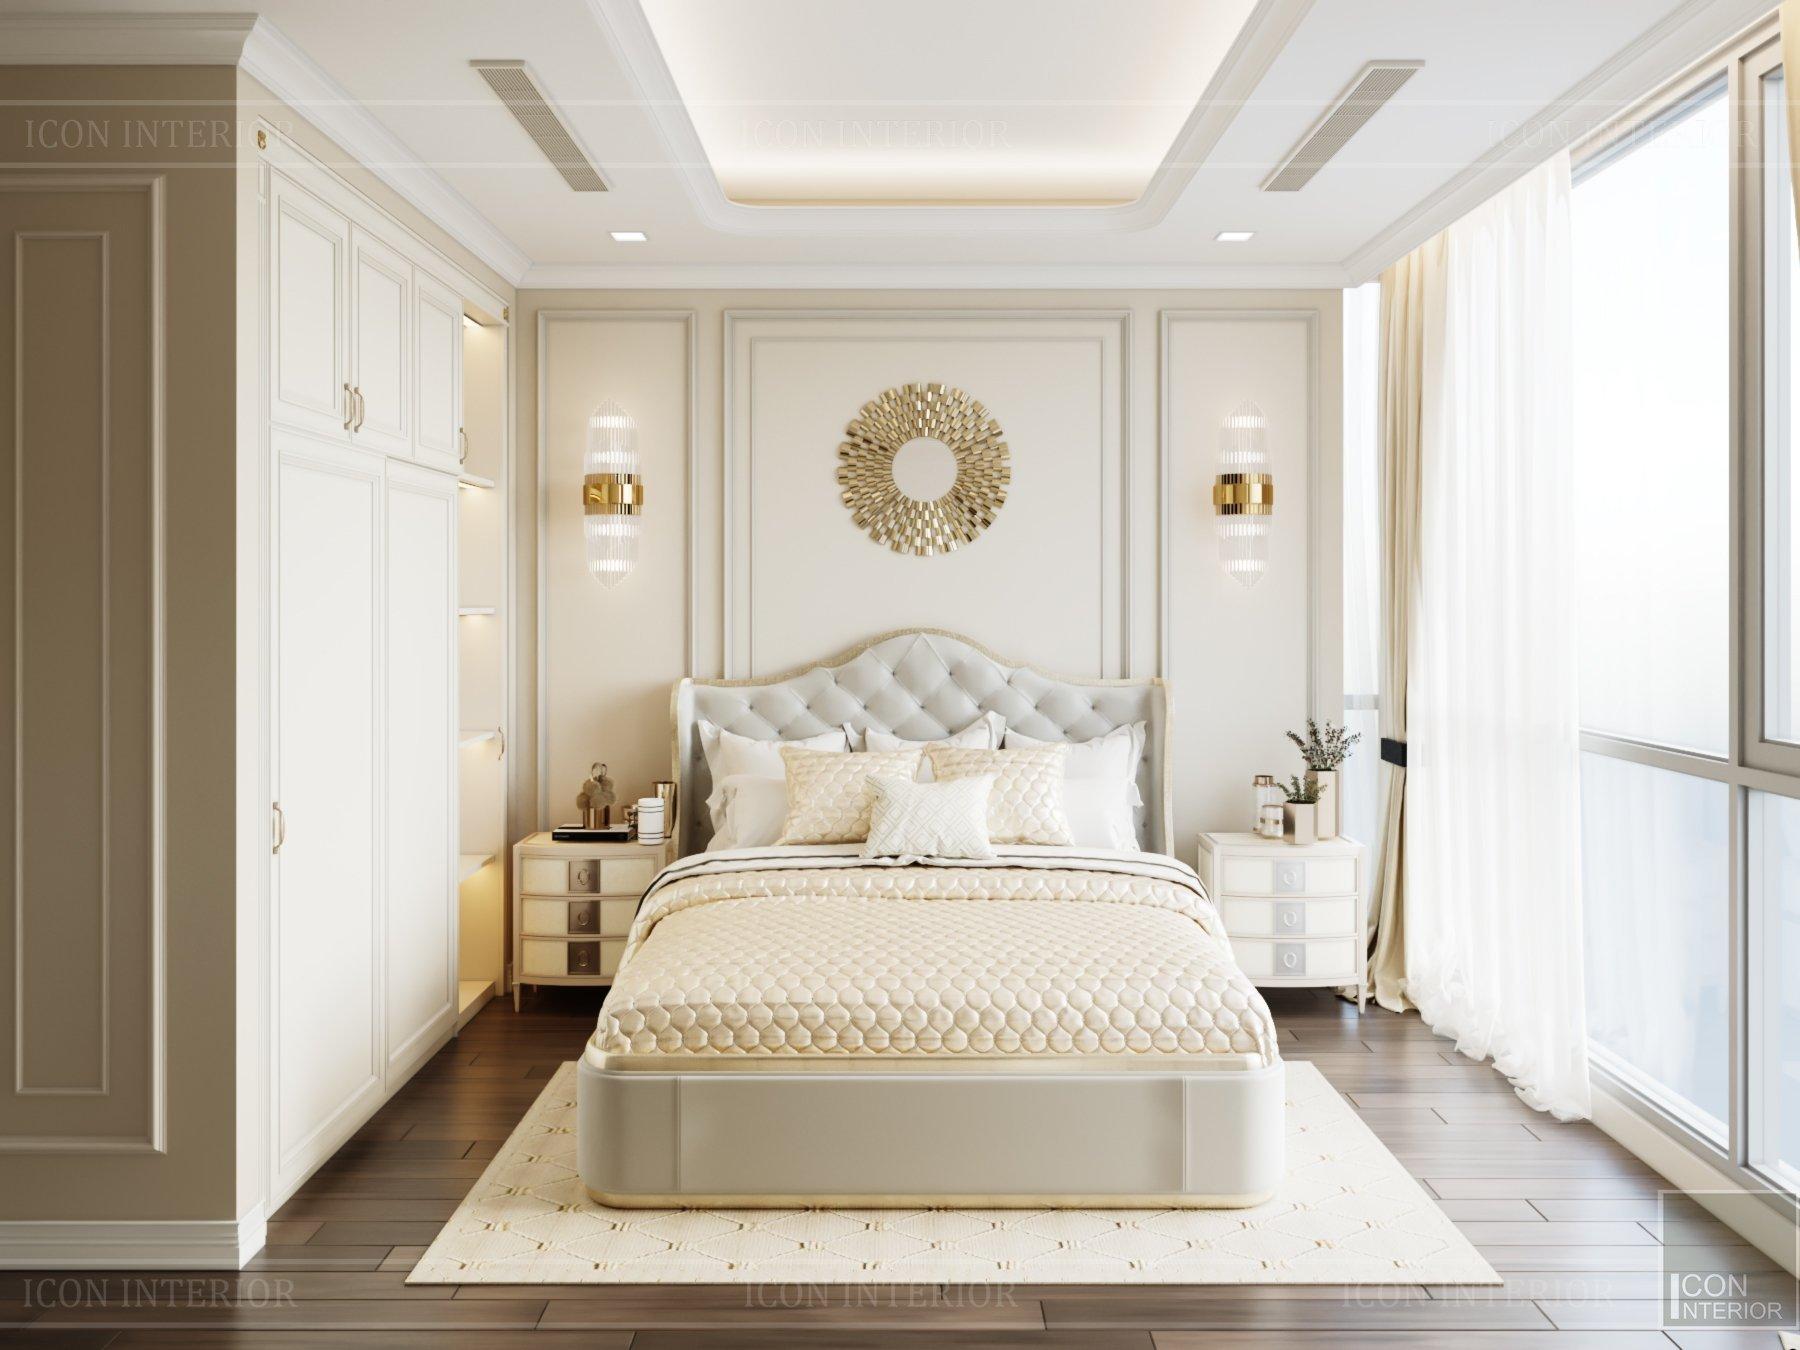 mẫu thiết kế nội thất chung cư 40m2